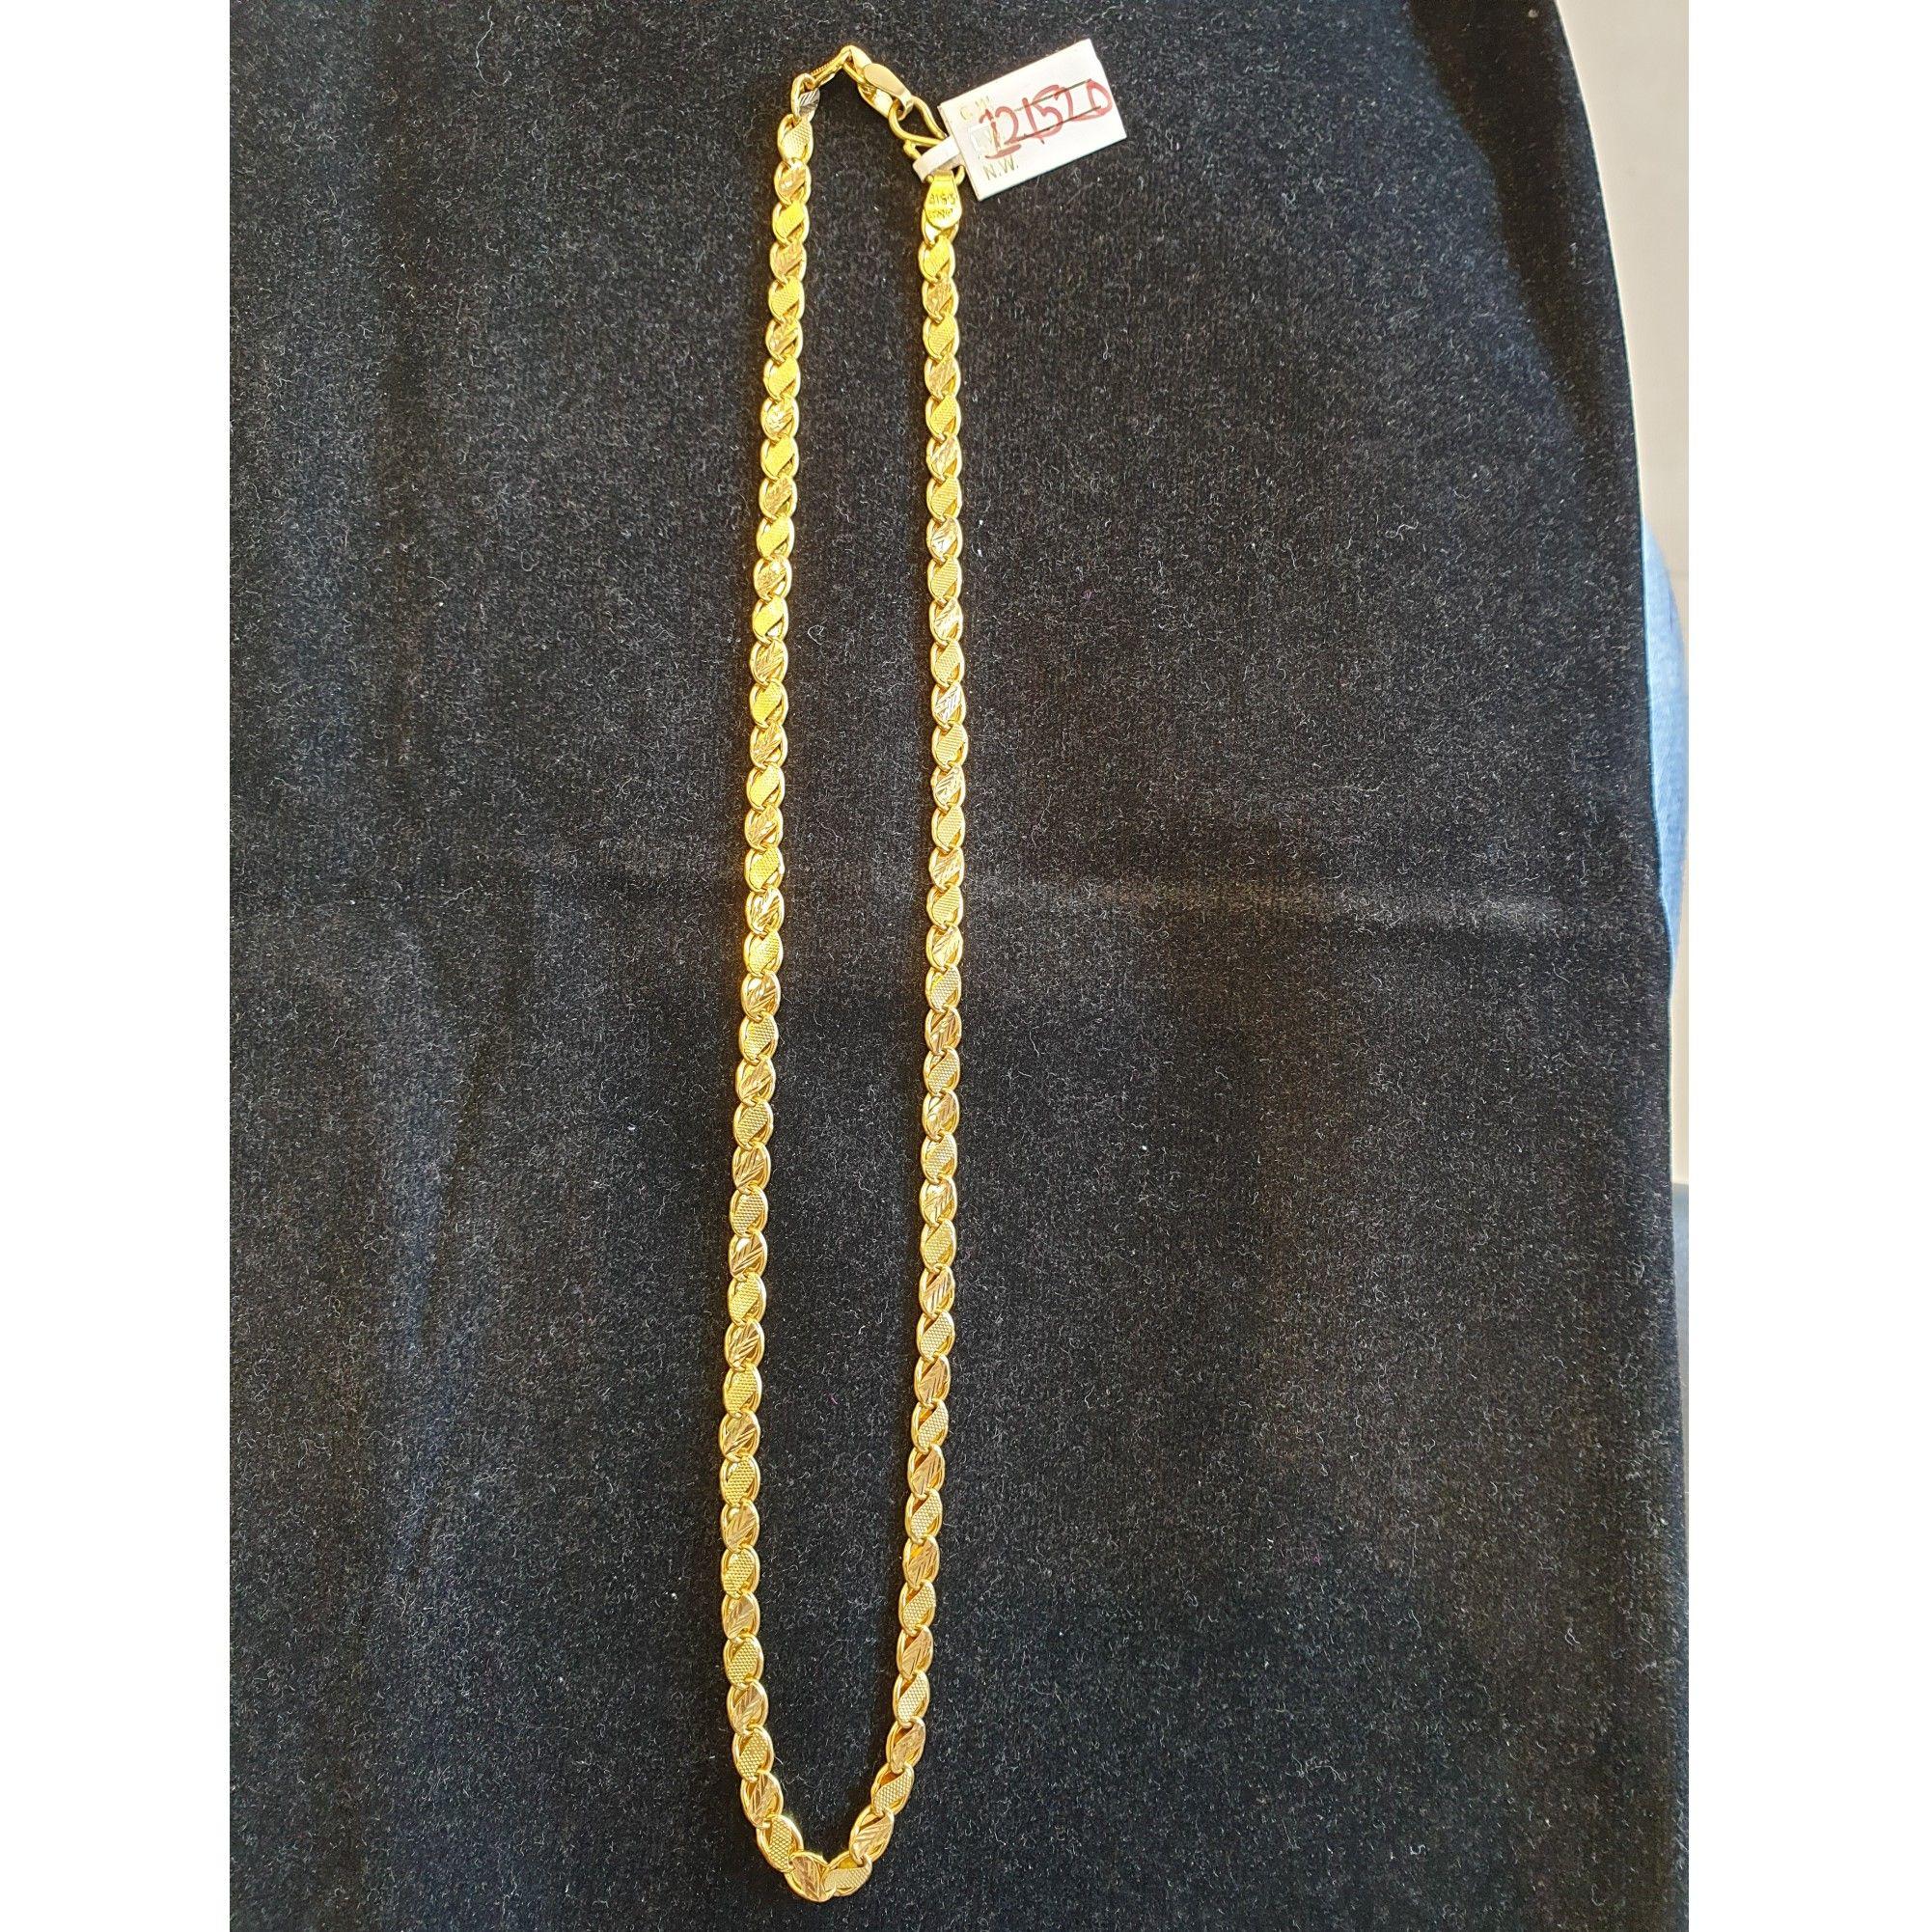 Fancy Chain 916 Hallmark